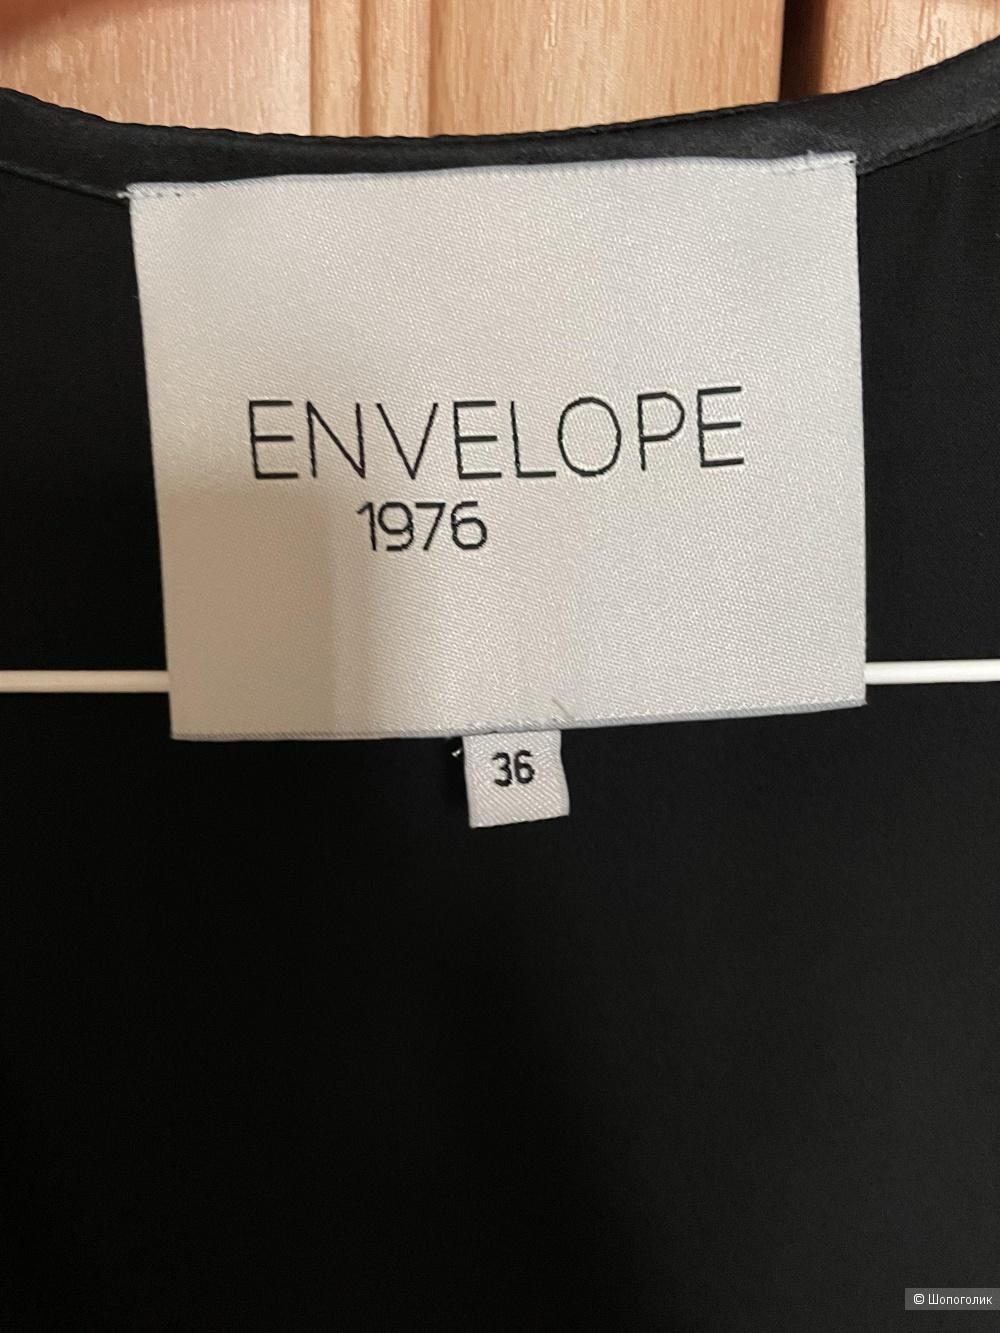 Блузка Envelope1976, размер 36